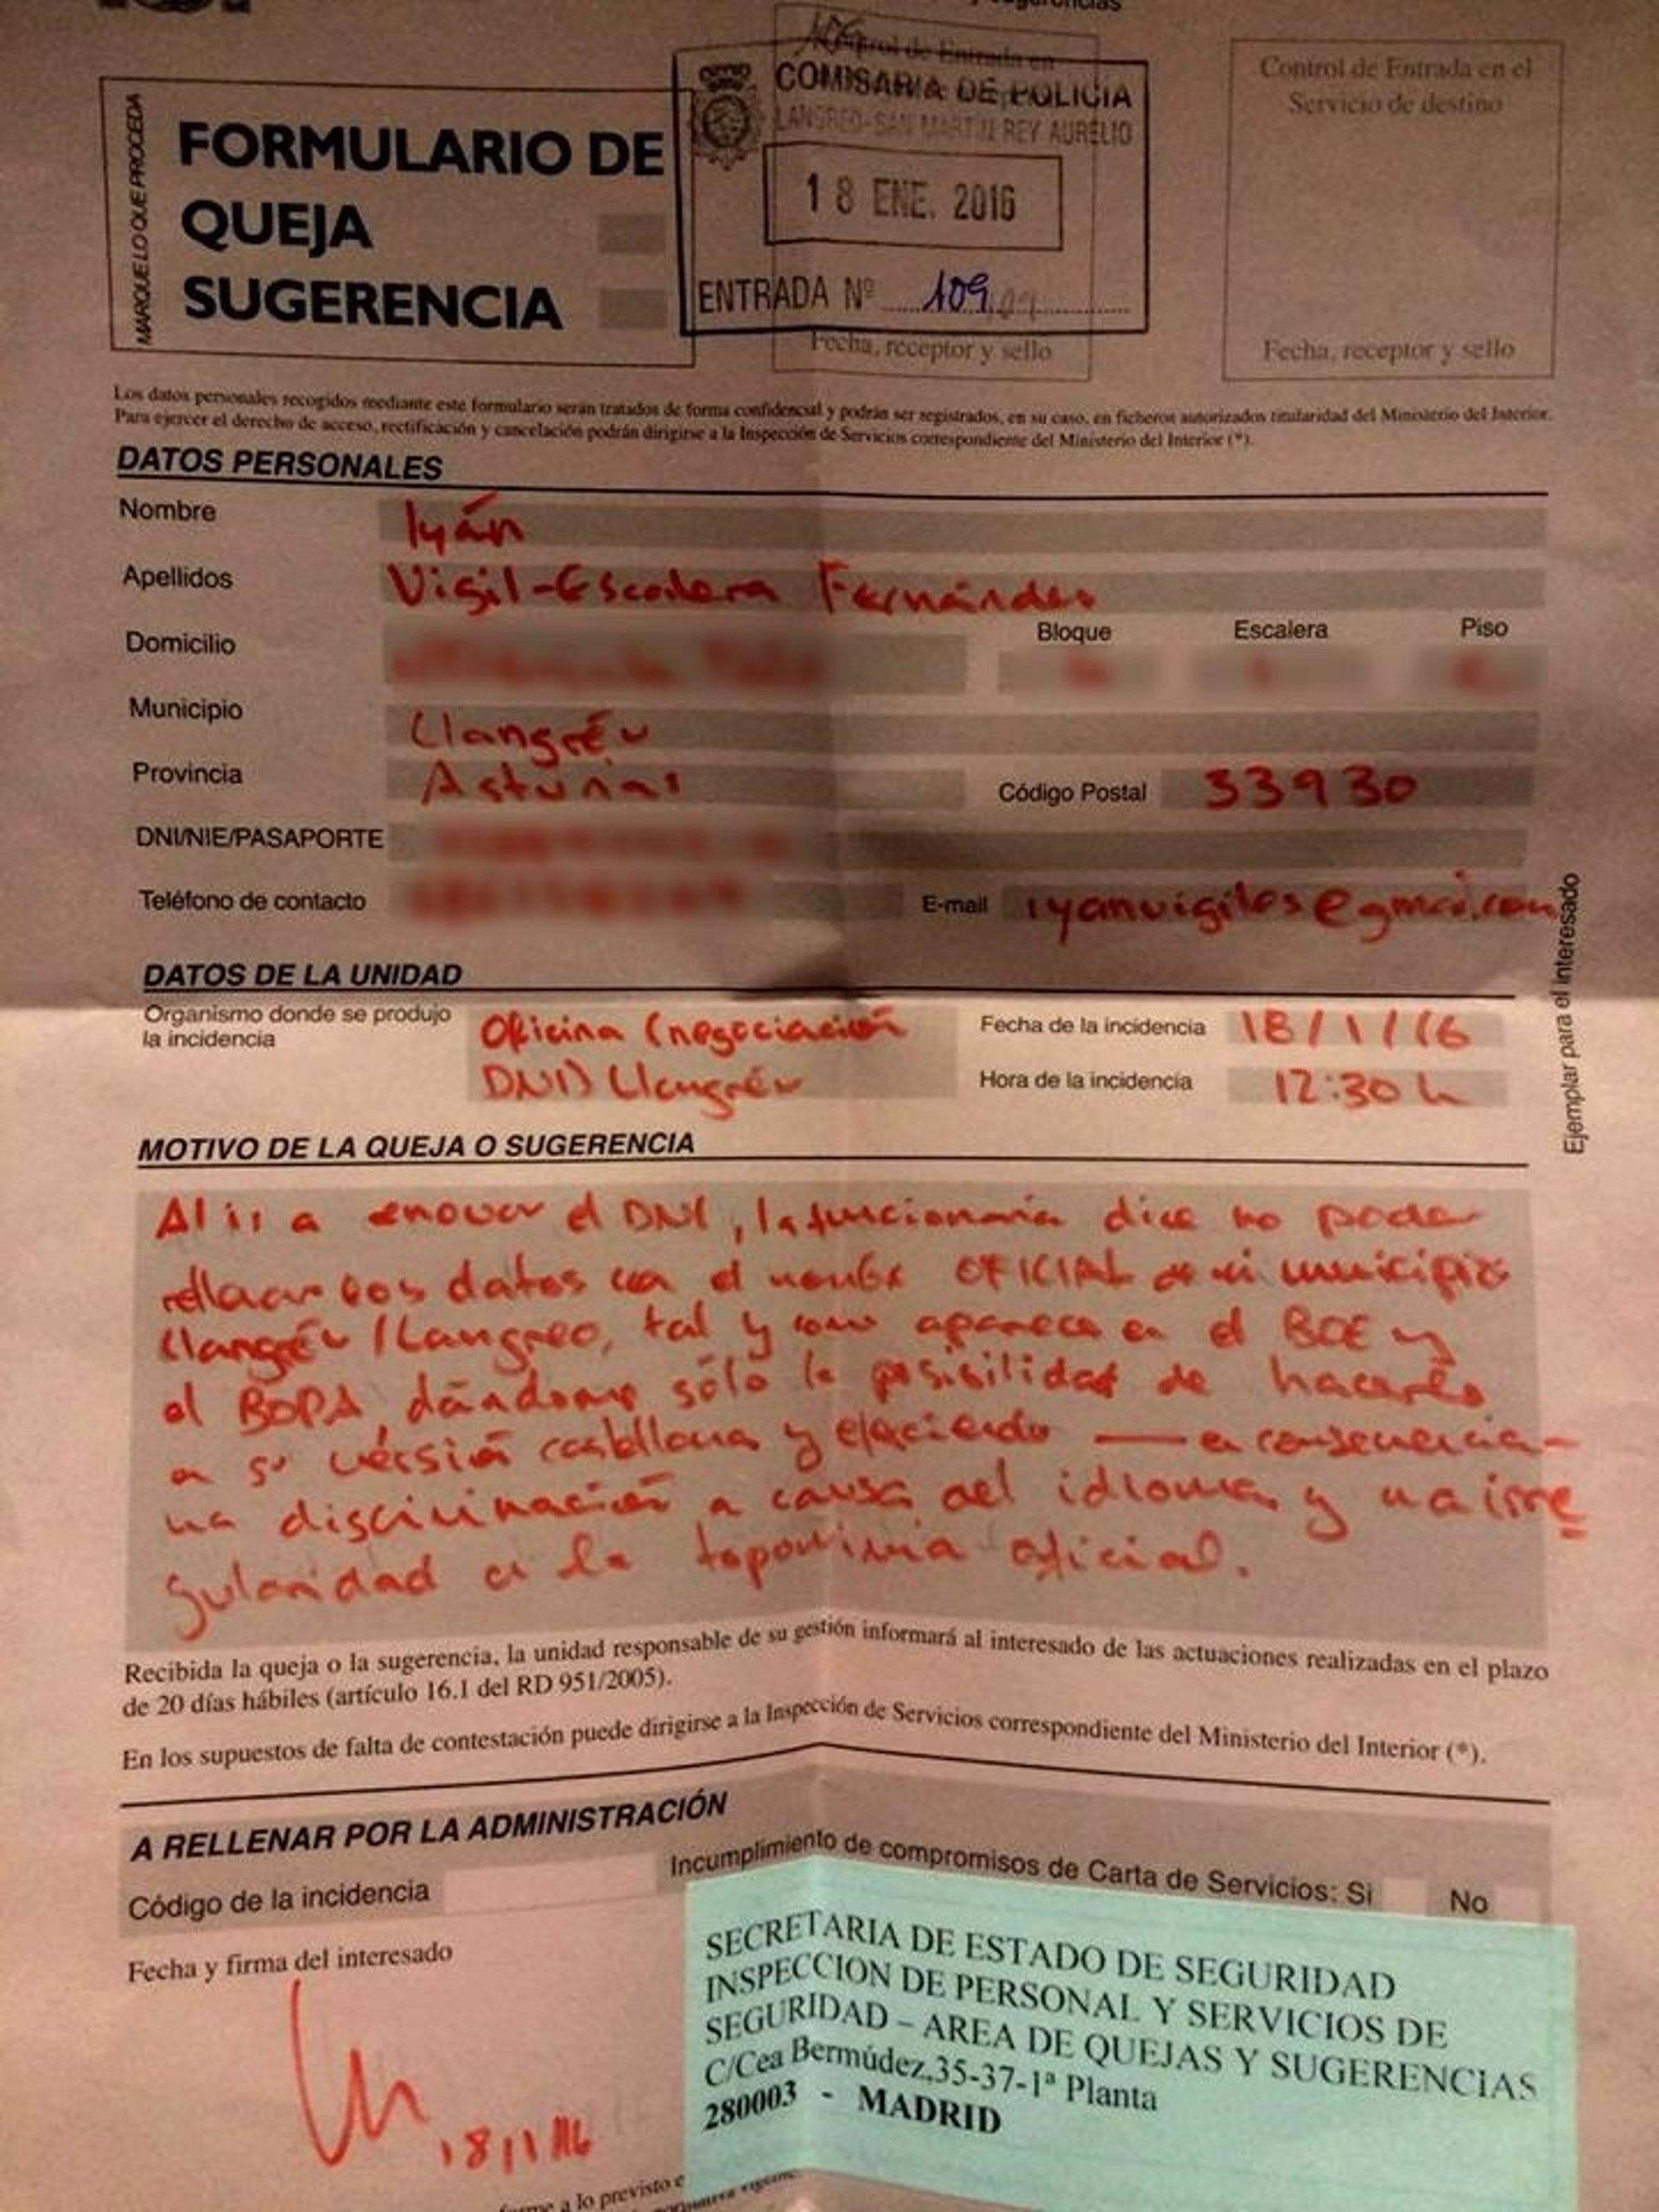 Impiden a un langreano renovar su dni por utilizar el top nimo llangr u - Ministerio del interior renovar dni ...